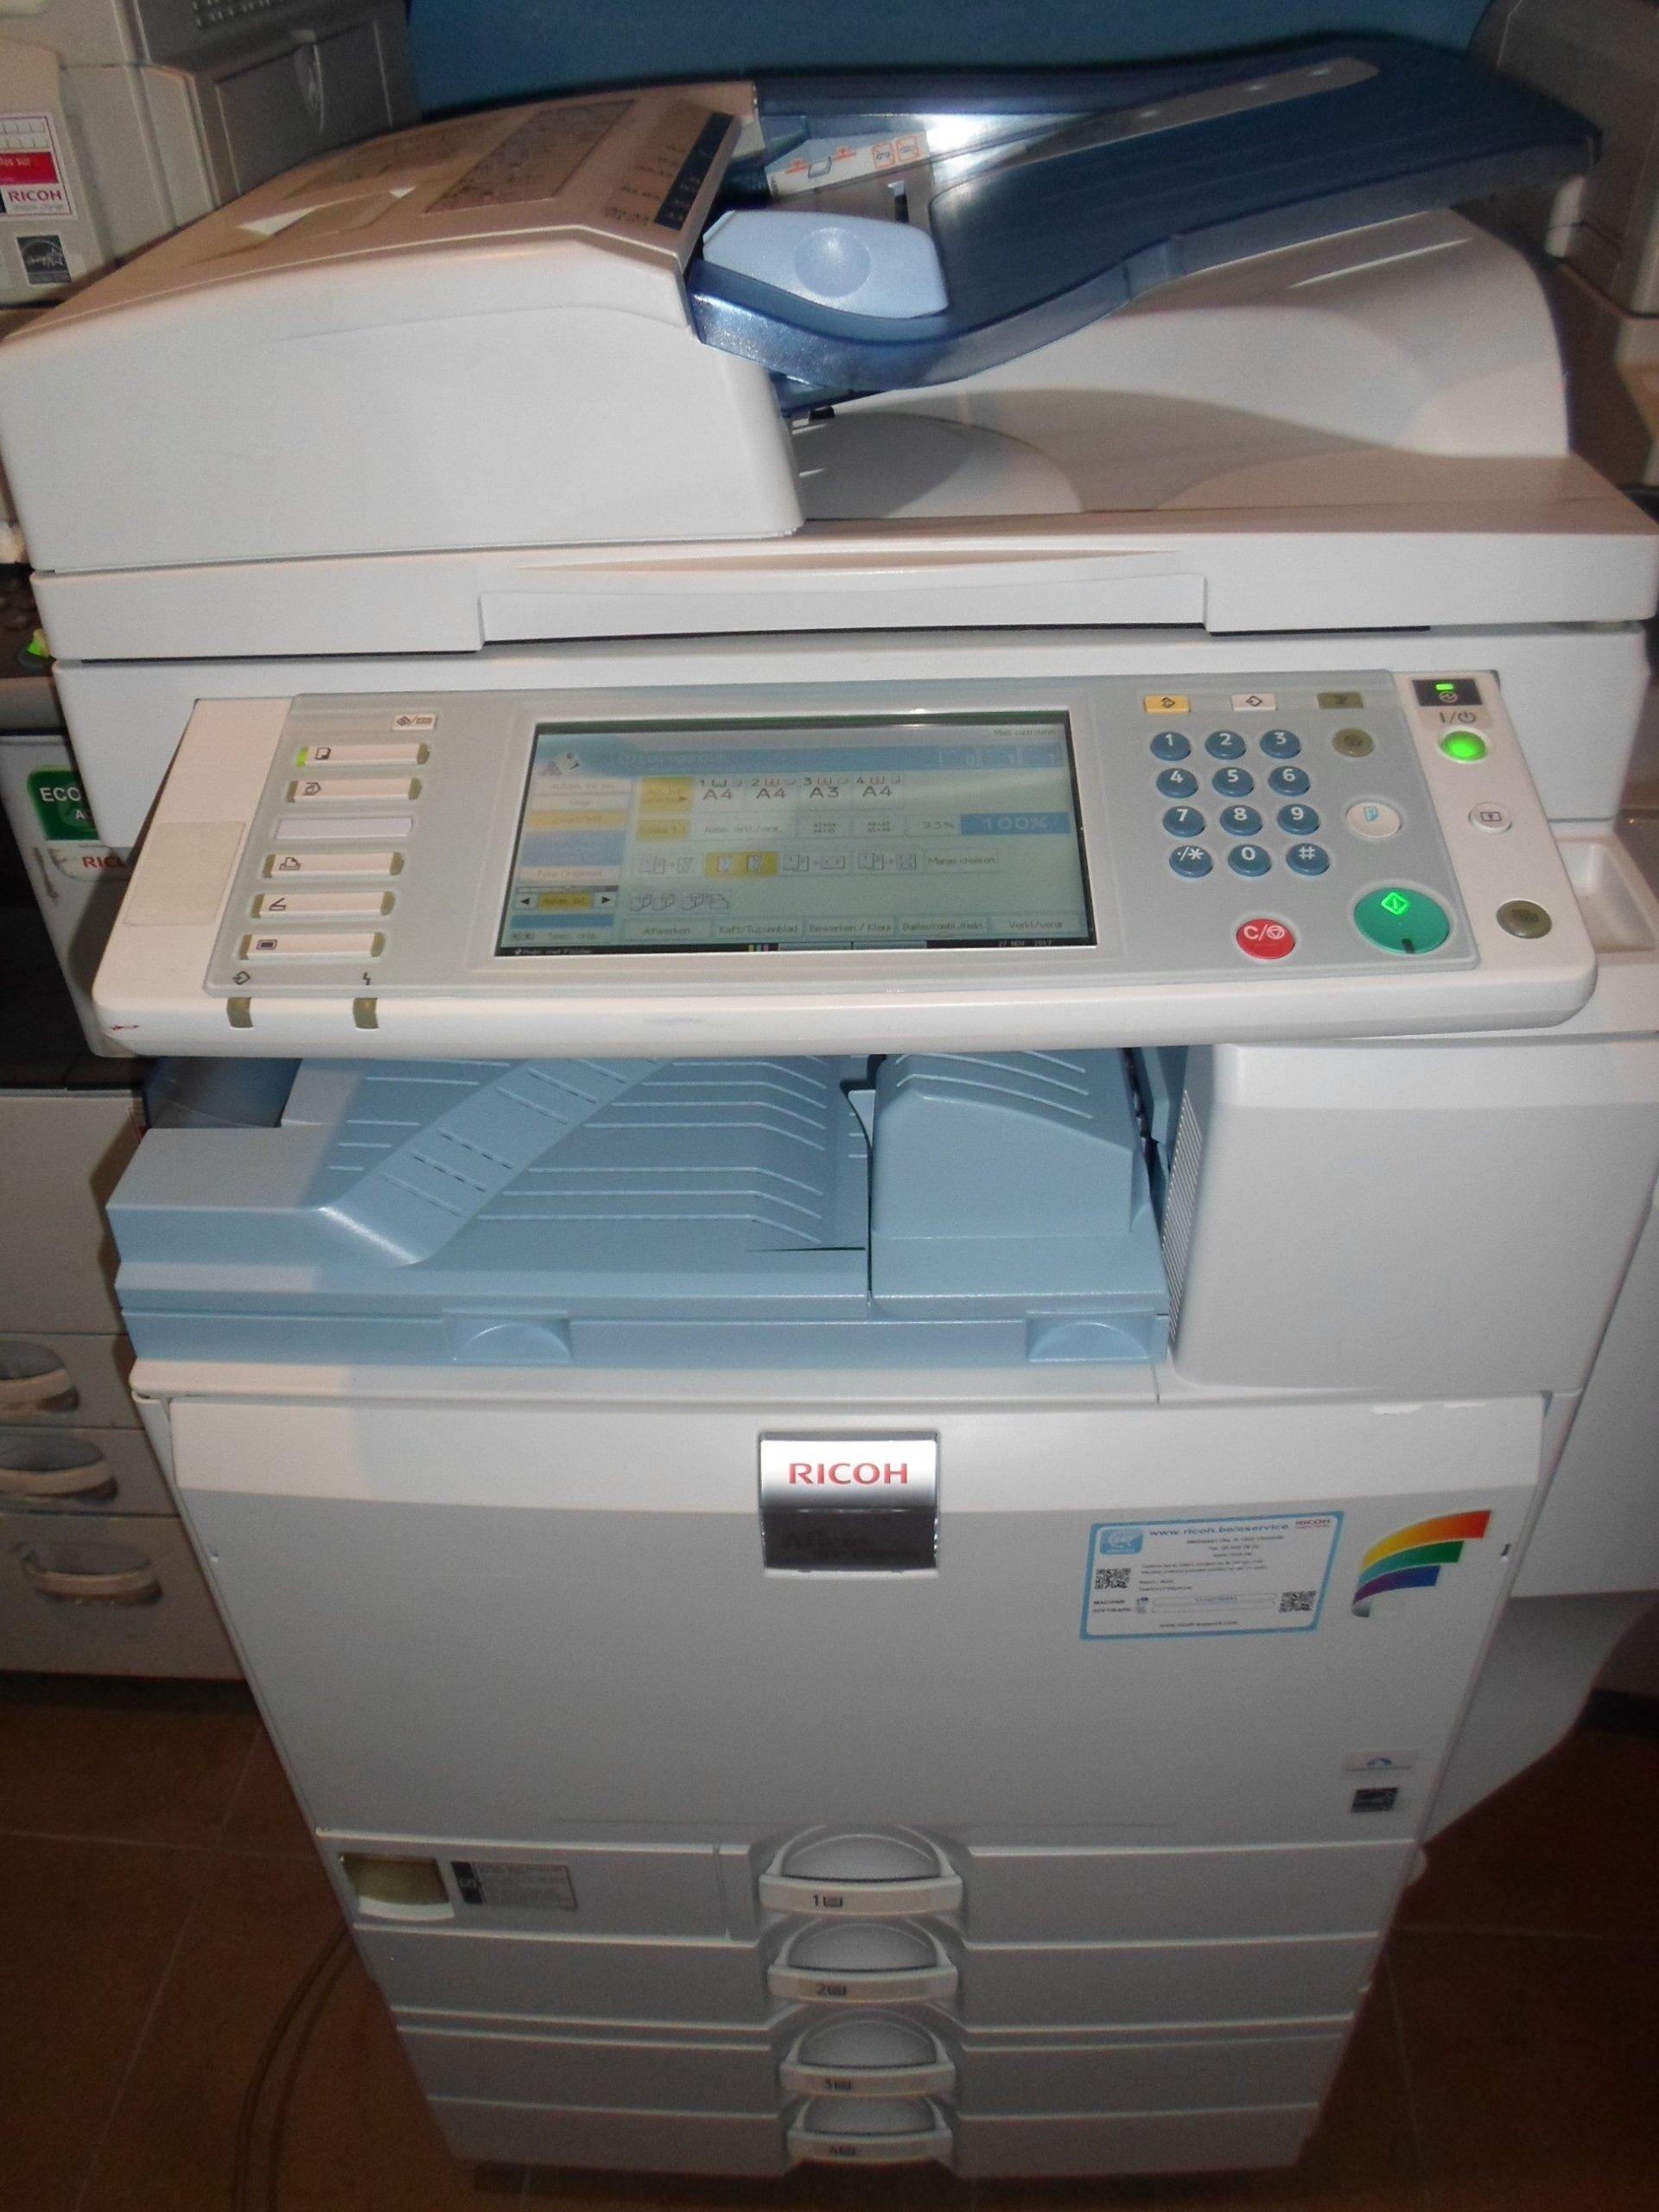 KSERO/ XERO RICOH MPC5000 PRZEBIEG 9 TYS. KOPII